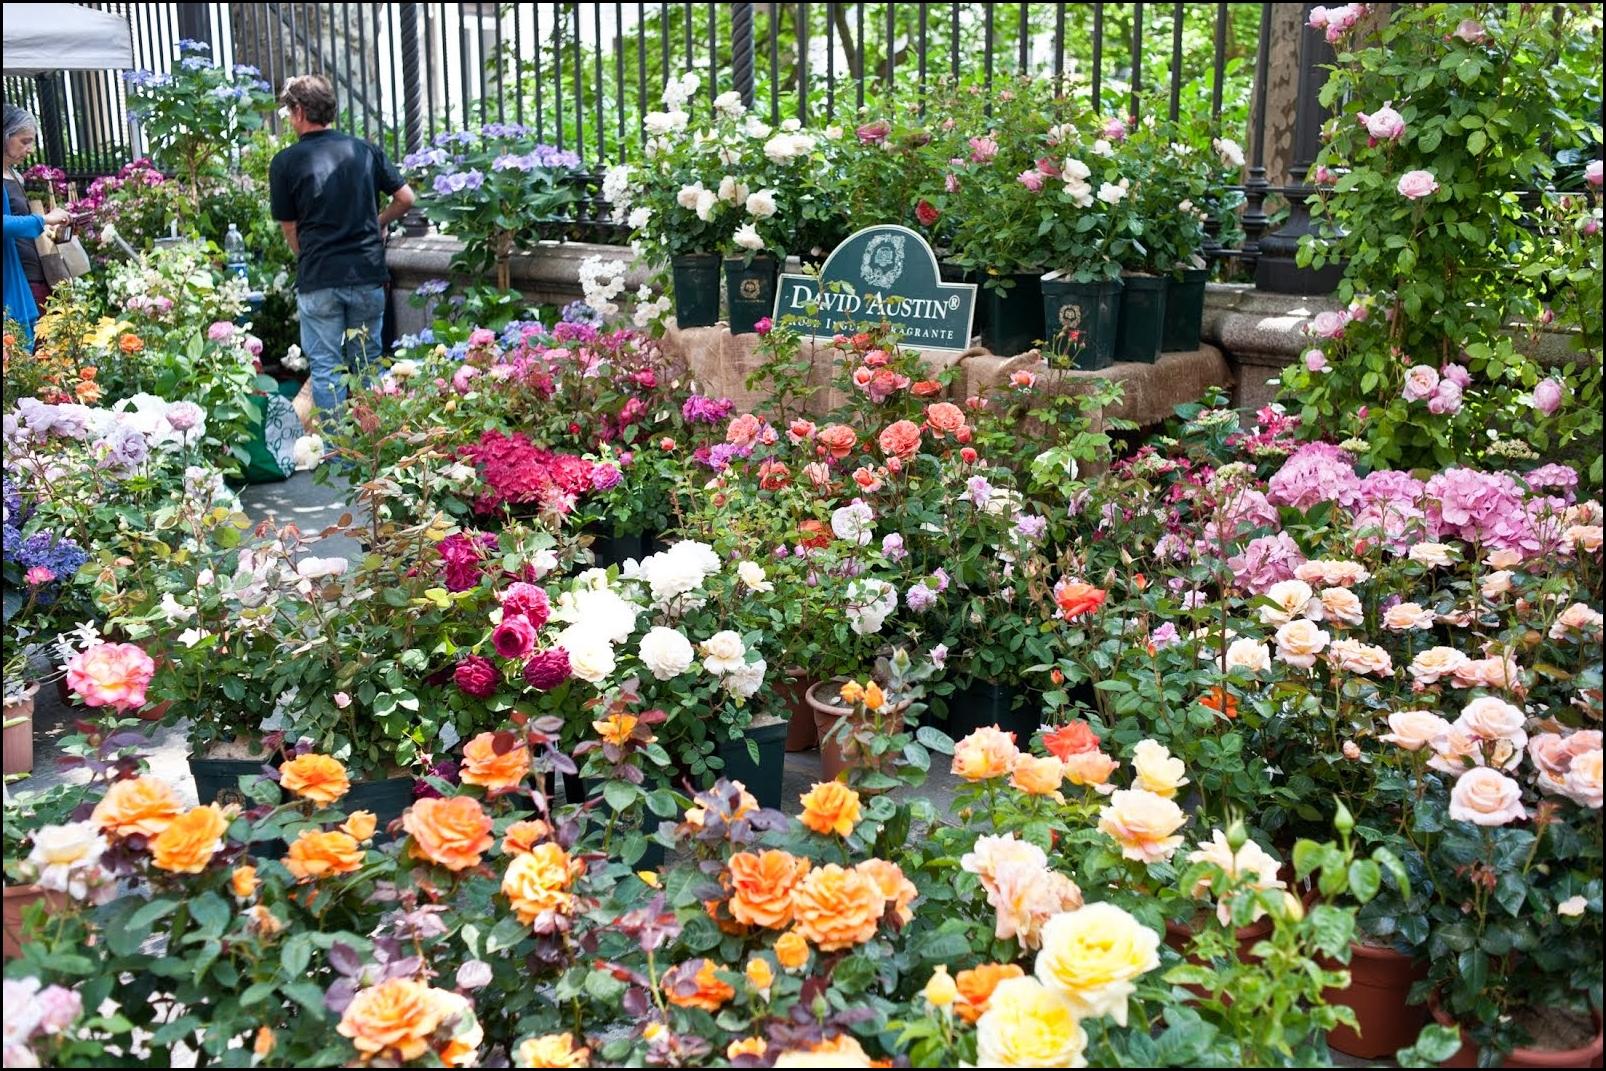 Torna a Torino Flor 2019, la grande mostra mercato floreale nel cuore della città